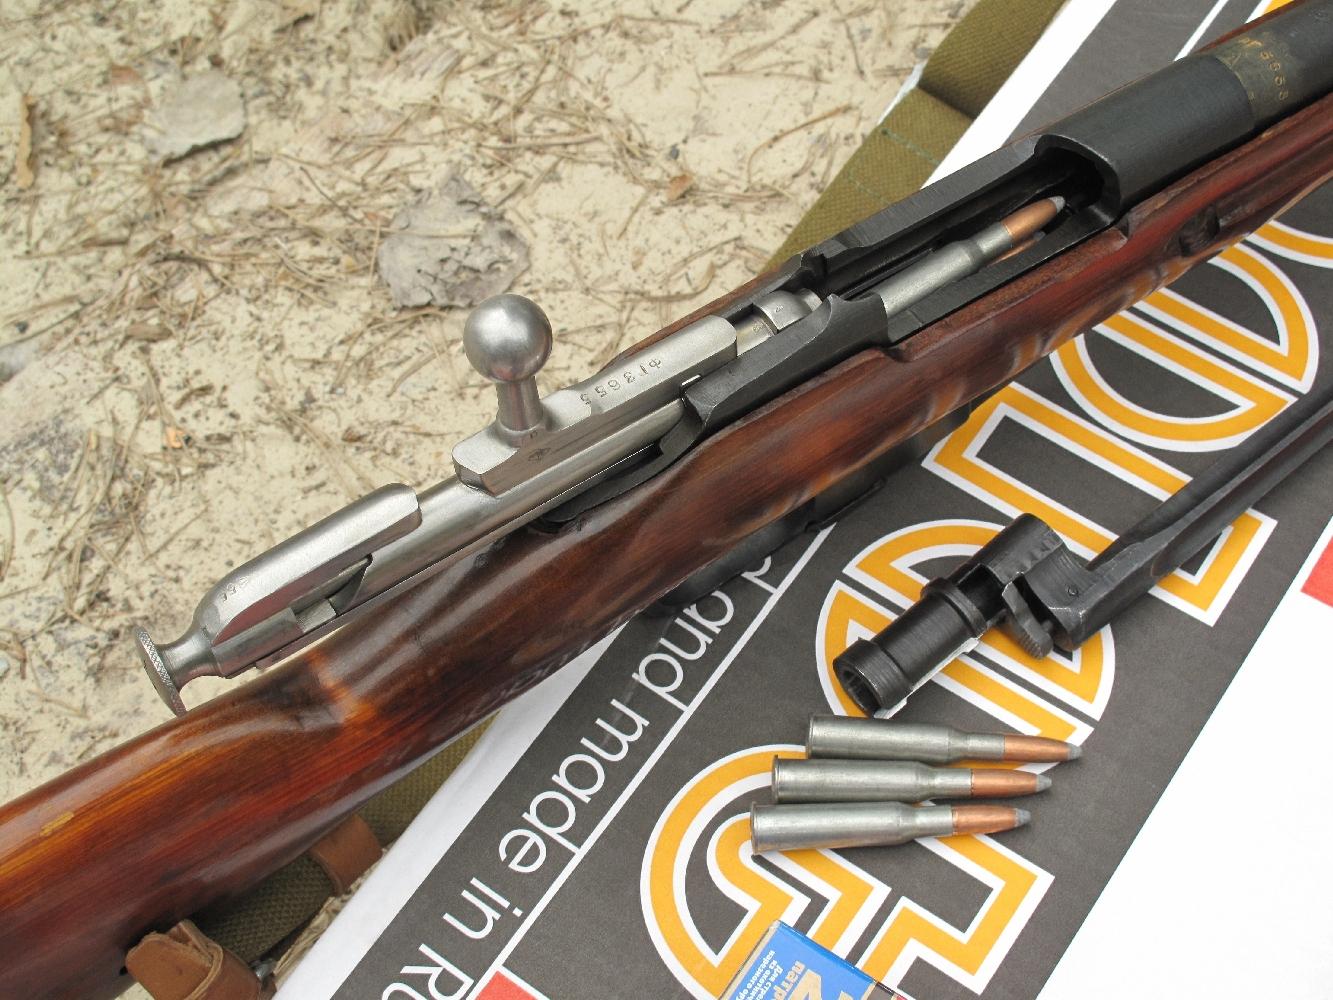 Nous avons testé la précision de ce fusil à 100 m sur 10 coups, avec des cartouches russes Barnaul à balle de 203 grains, en réalisant tour à tour deux groupements de cinq coups avec et sans la baïonnette fixée au bout du canon.